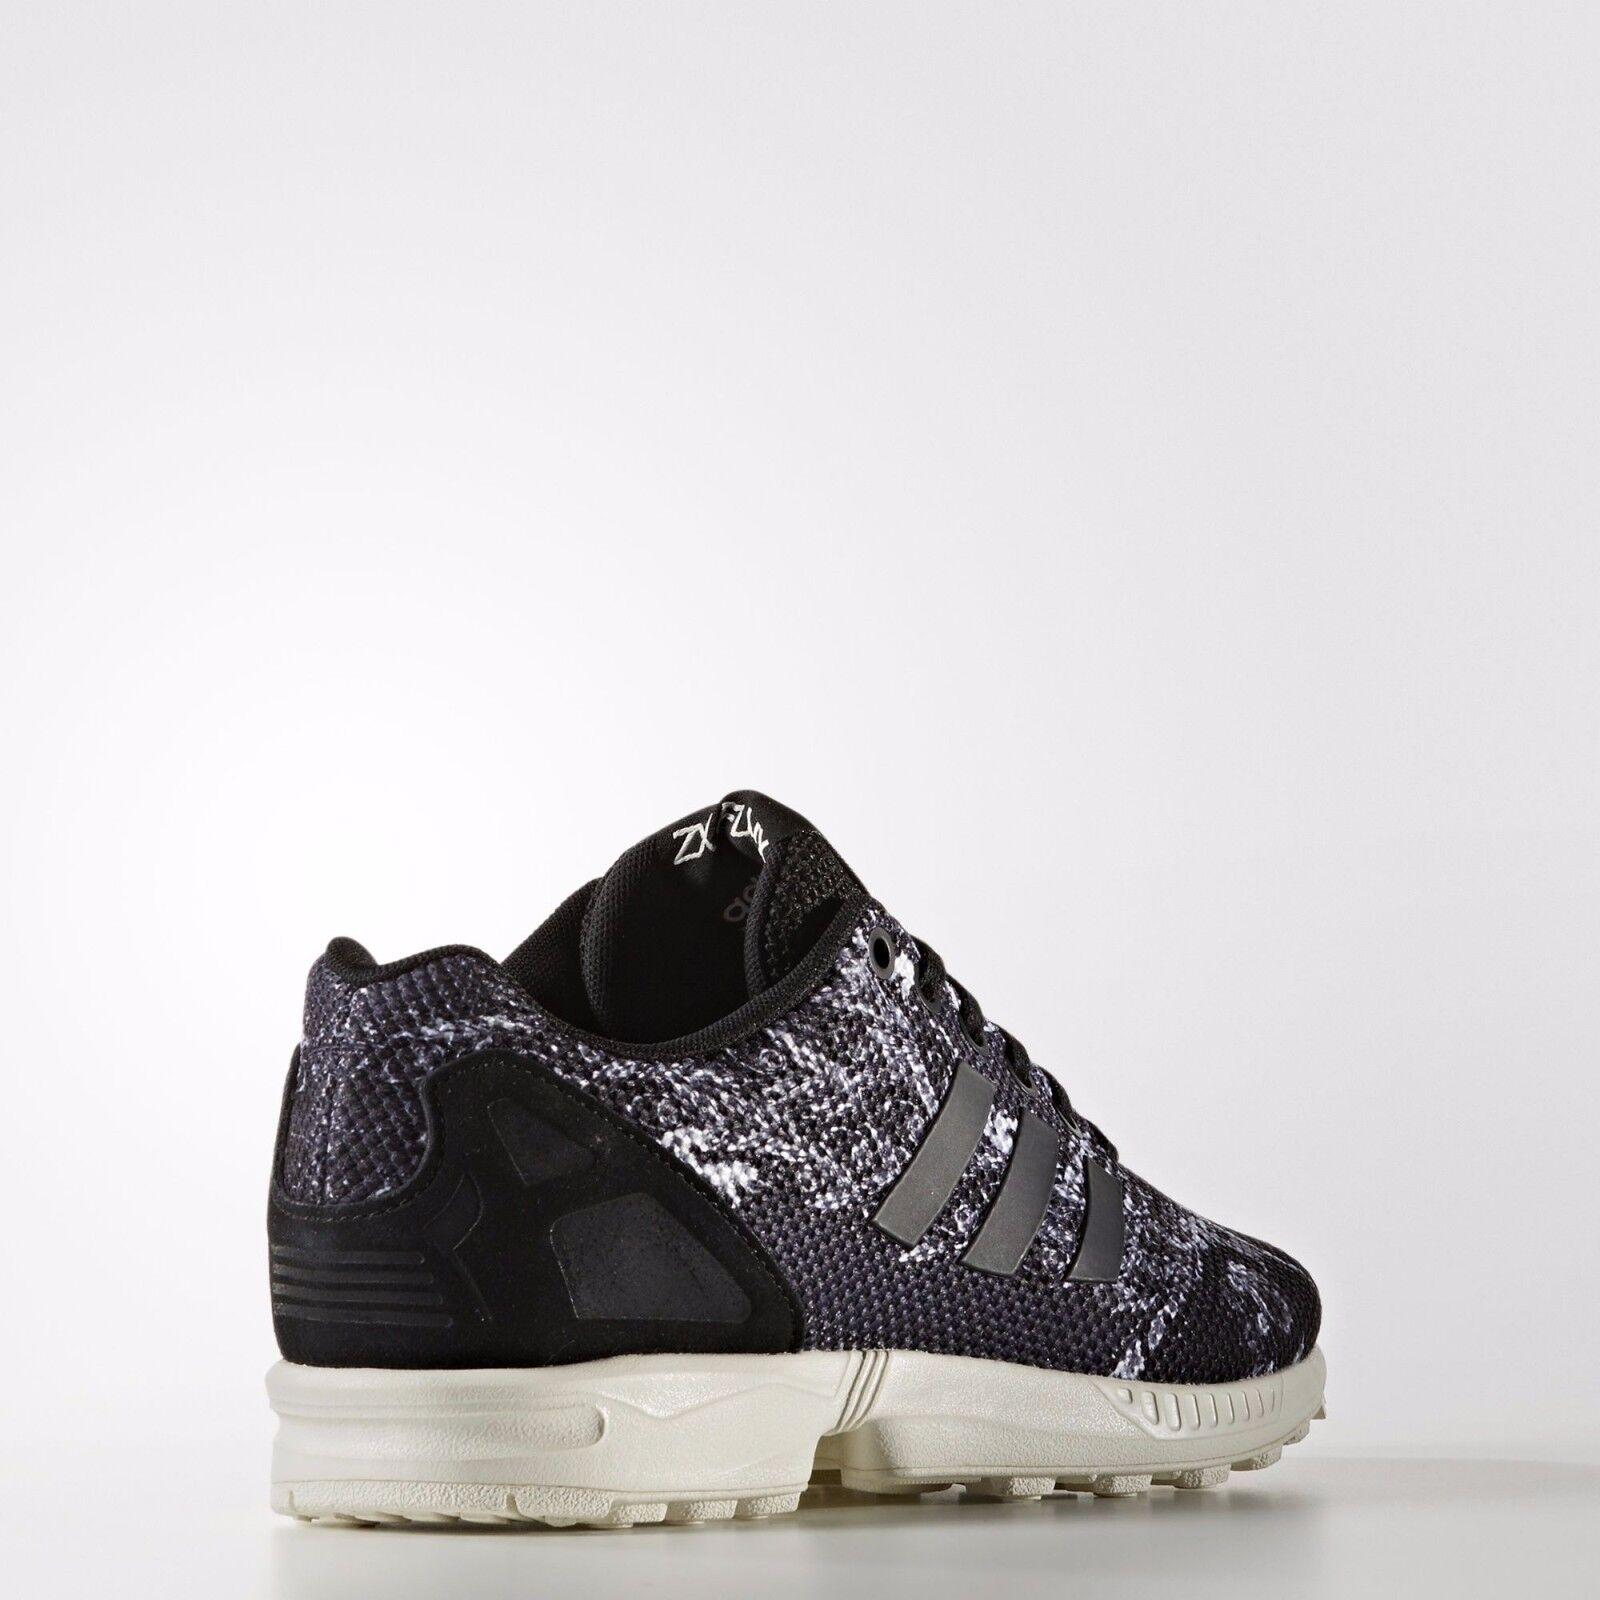 adidas originaux zx femmes flux rio baskets taille ferme 7 s76592 noire nous 7 ferme 415e64